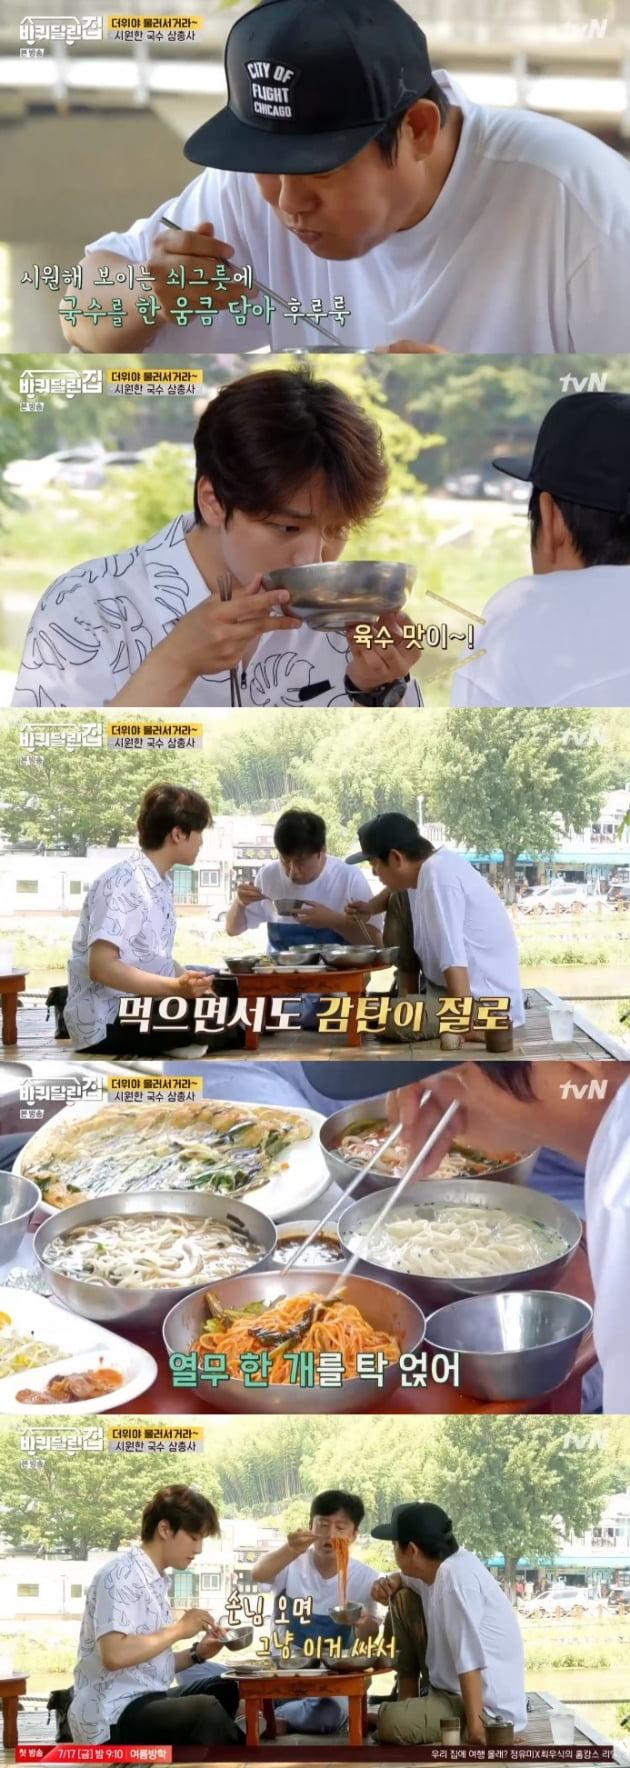 '바퀴 달린 집' 성동일 김희원 여진구 / 사진 = tvN 영상 캡처